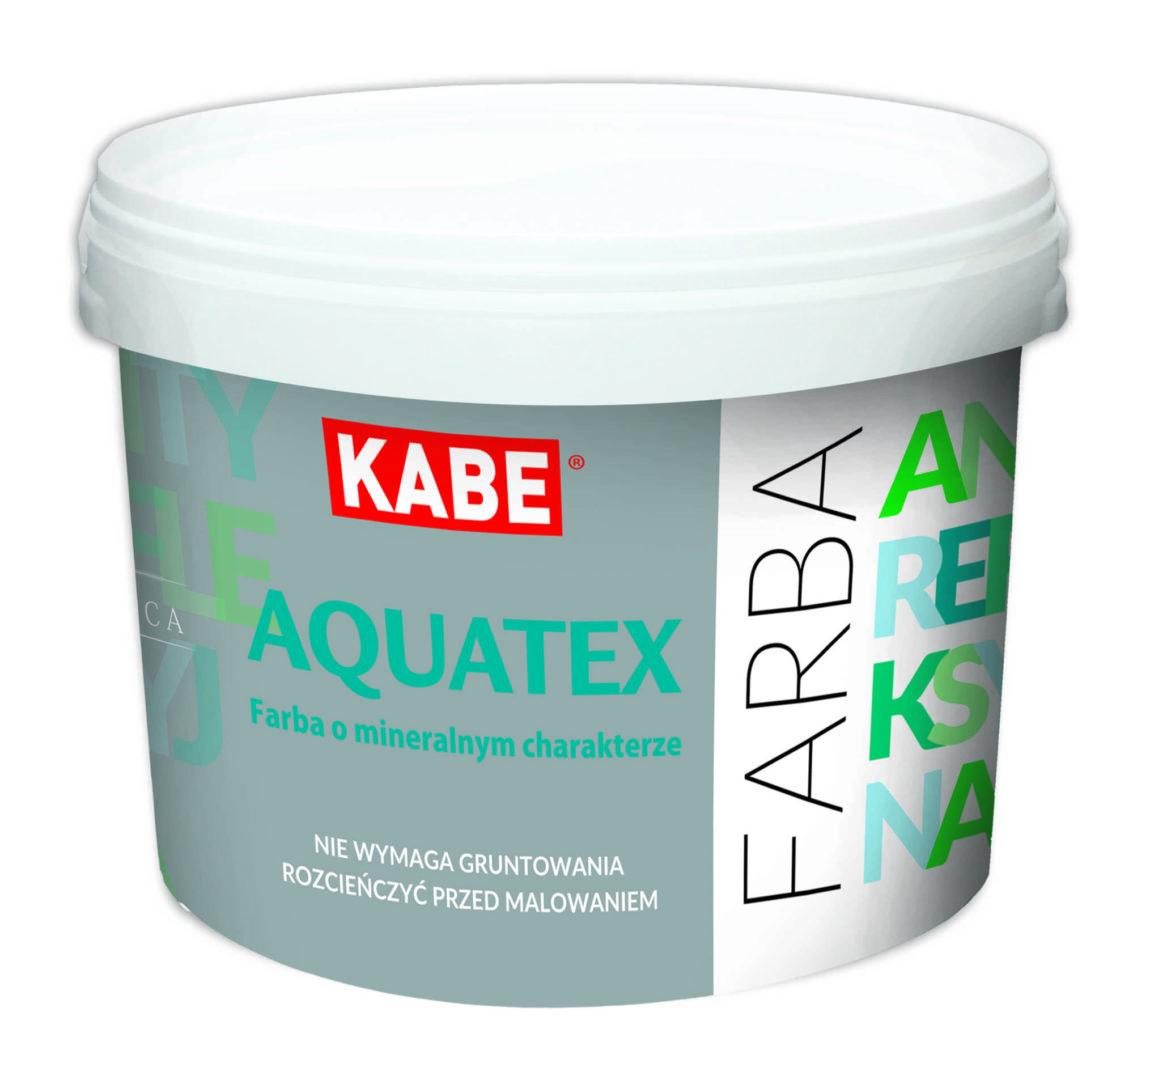 Farba krzemianowa, mineralna, wewnętrzna AQUATEX -Farby Kabe